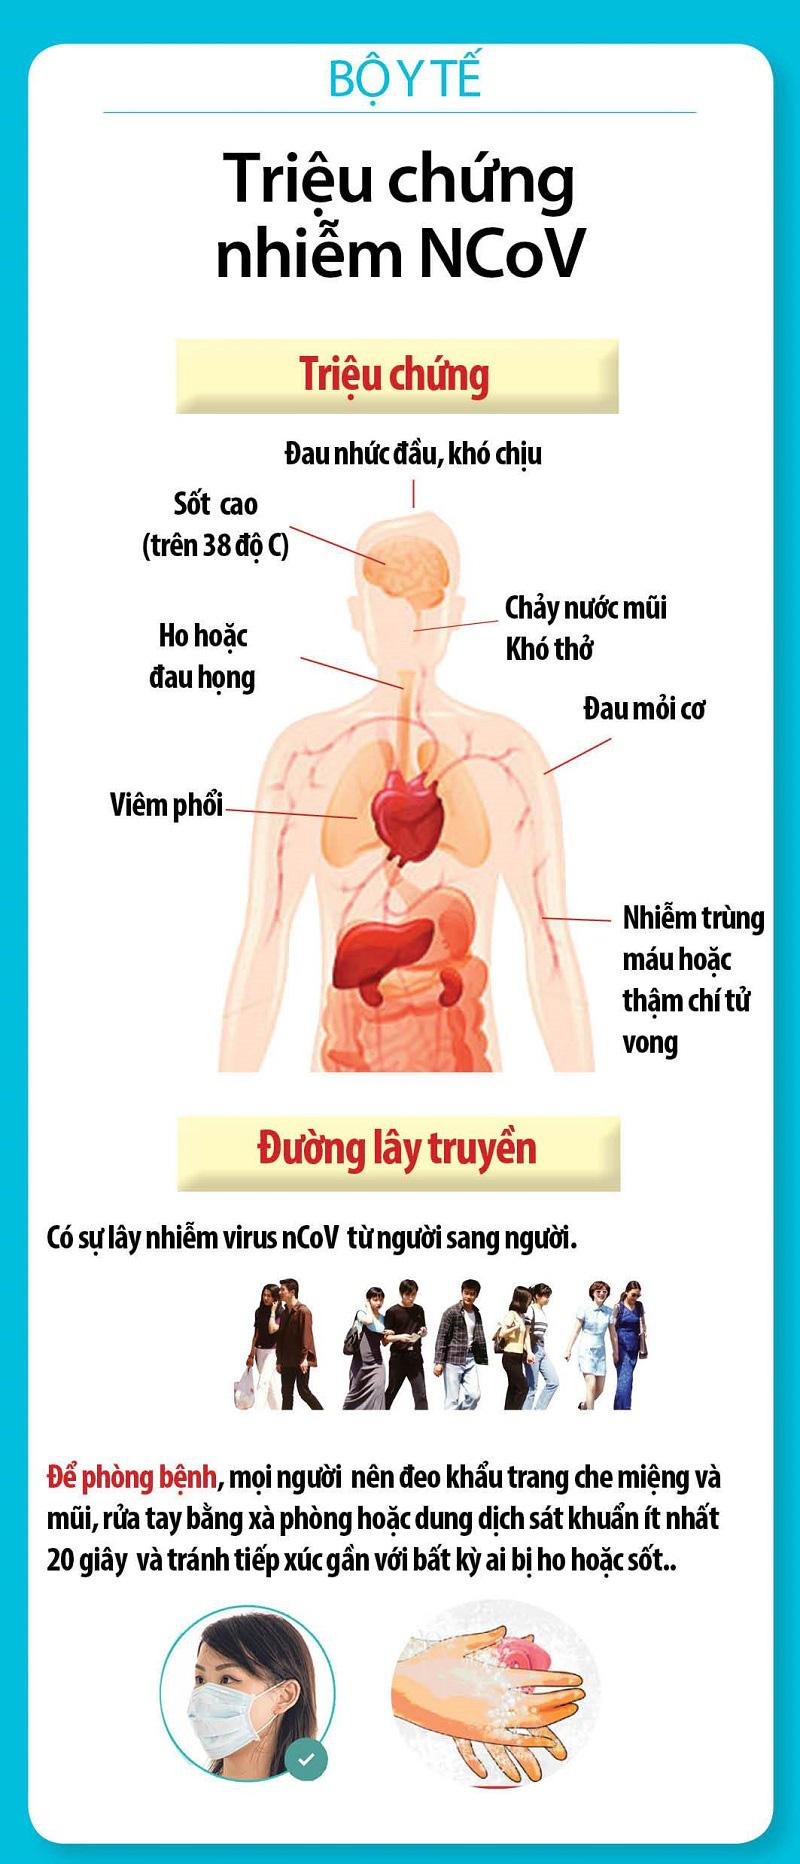 Những biểu hiện của bệnh viêm đường hô hấp cấp COVID-19 - Ảnh 2.